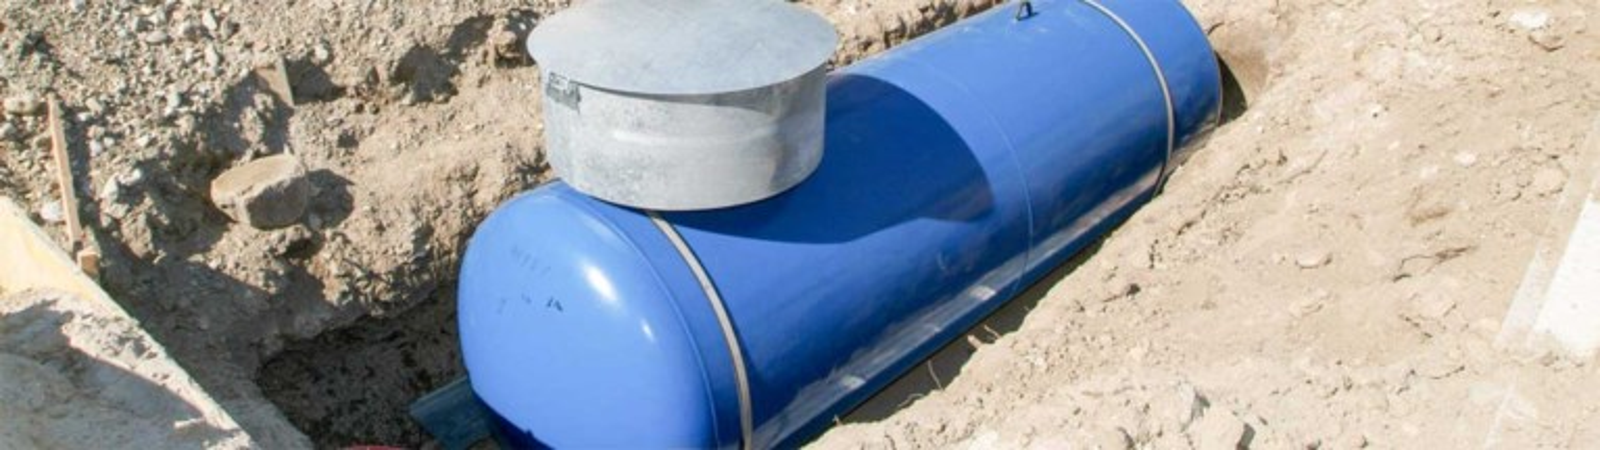 Heizöltanks – das müssen Sie über Öltanks wissen